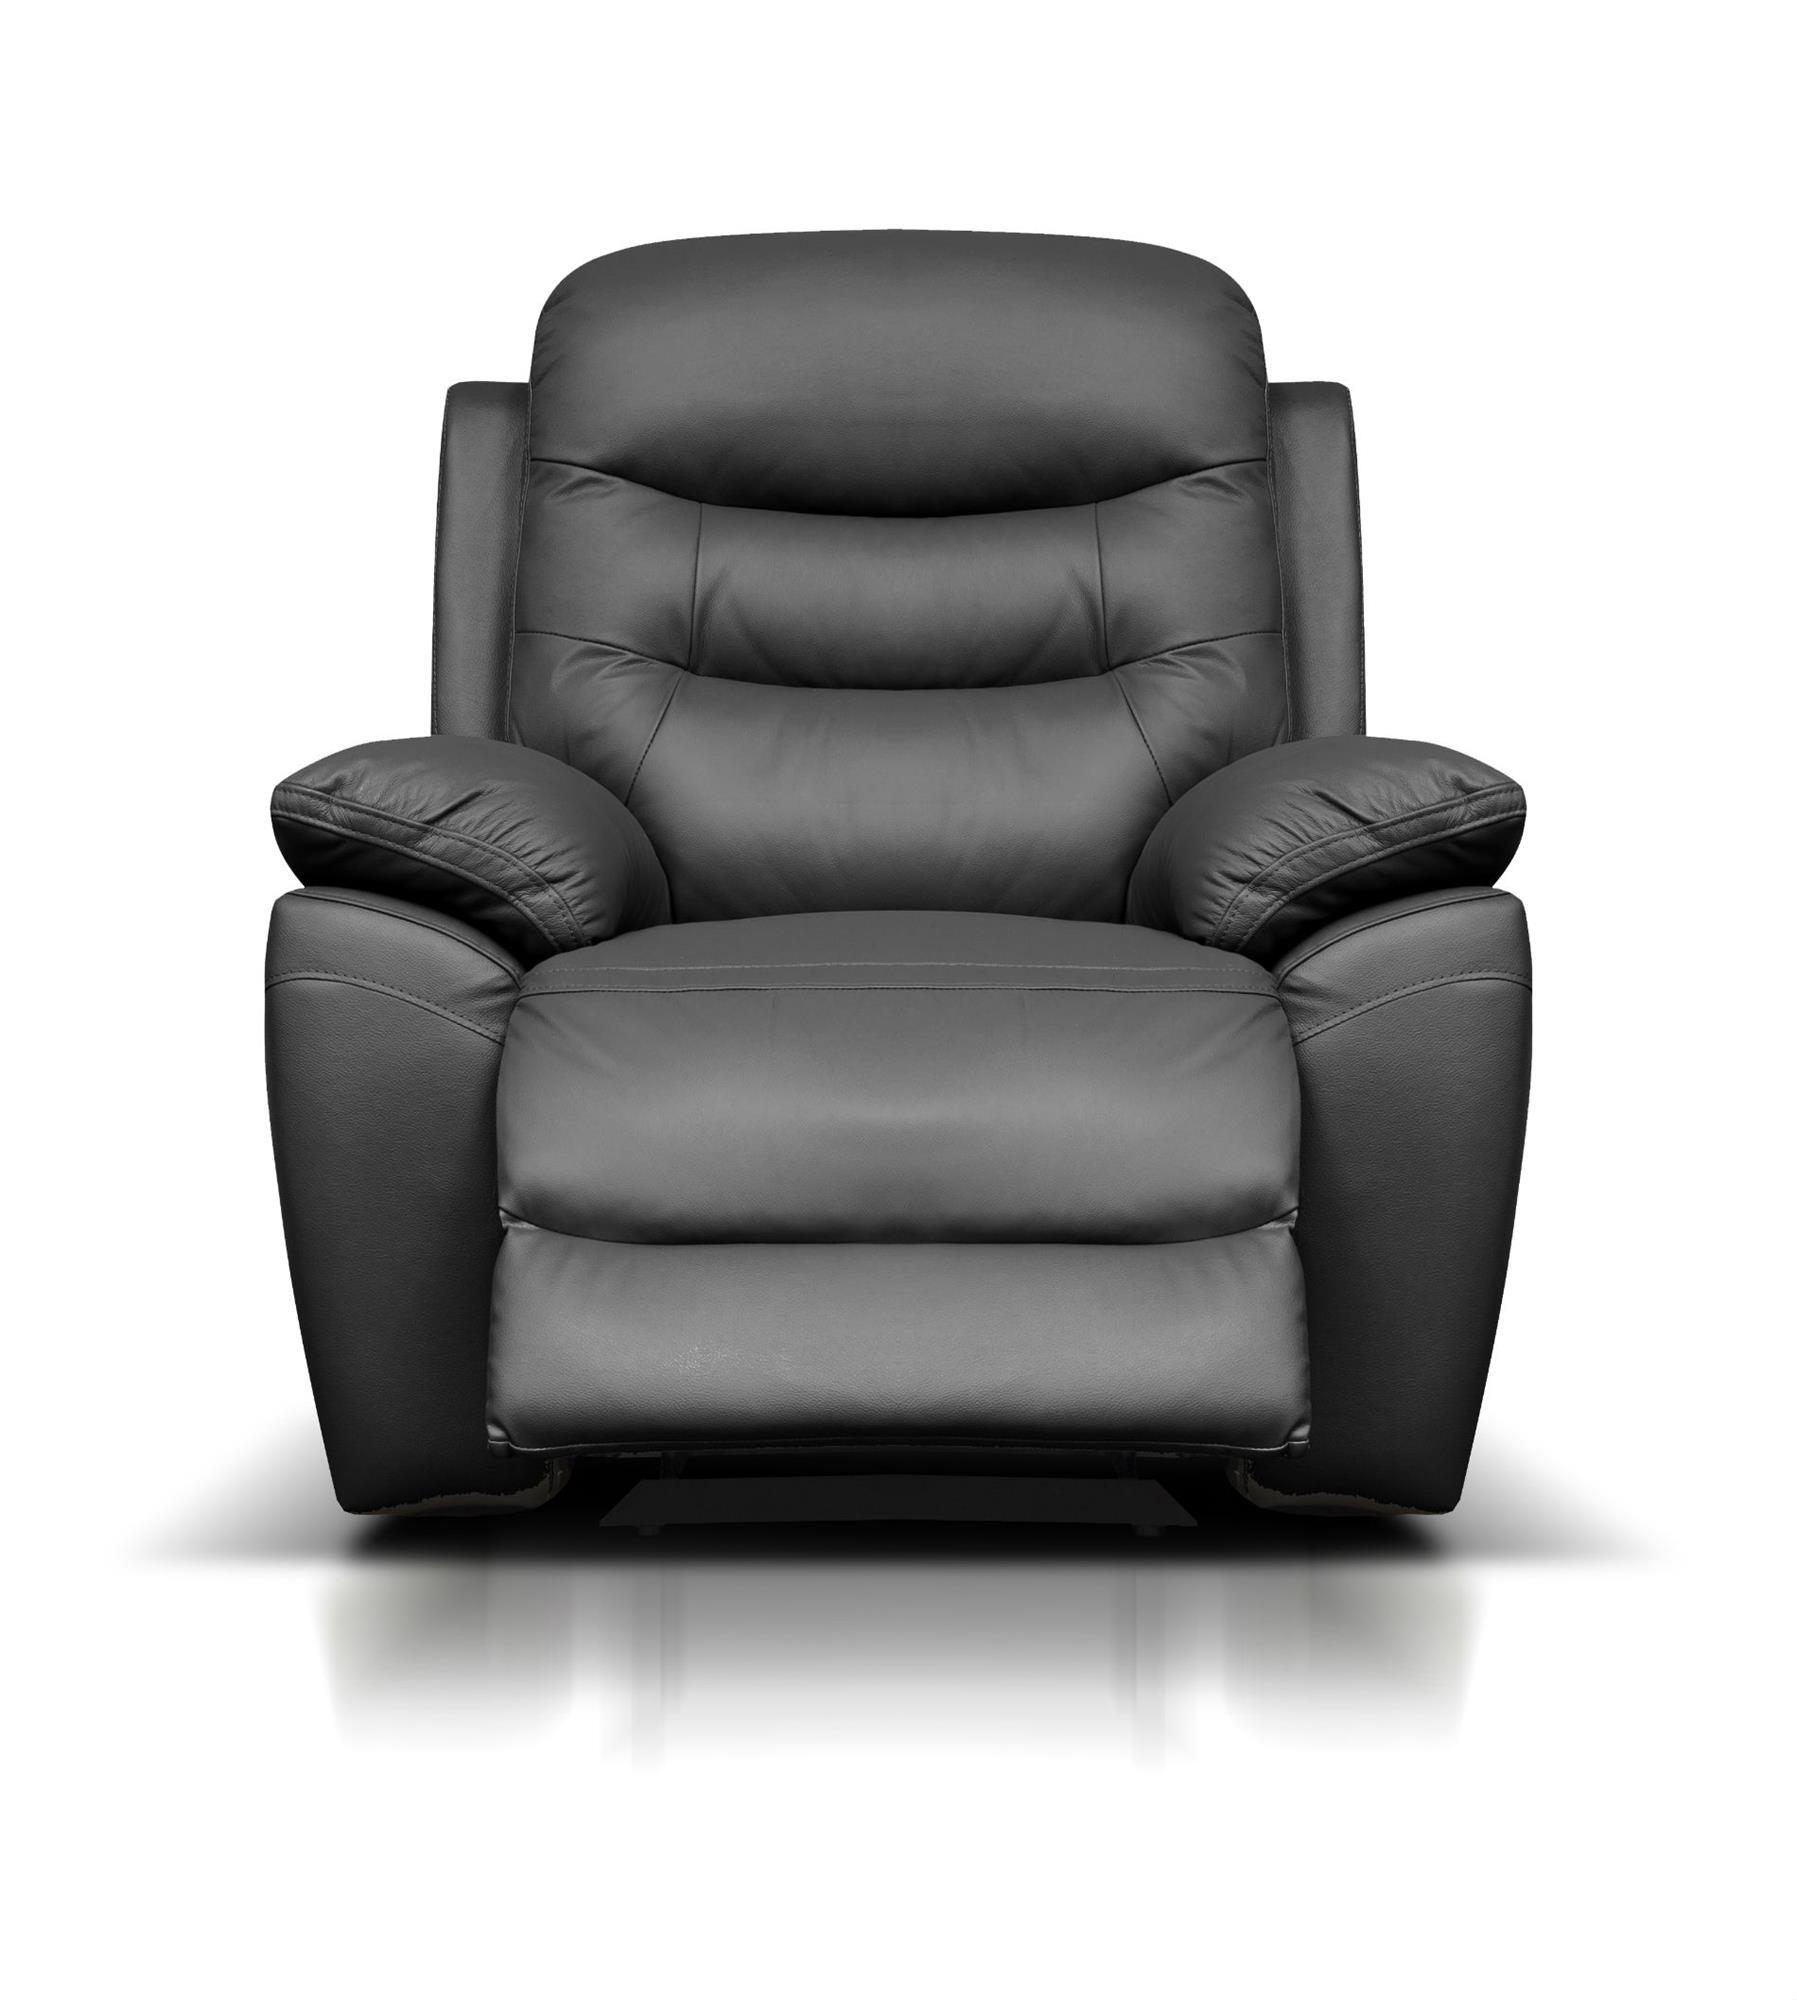 Richmond Reclining Chair